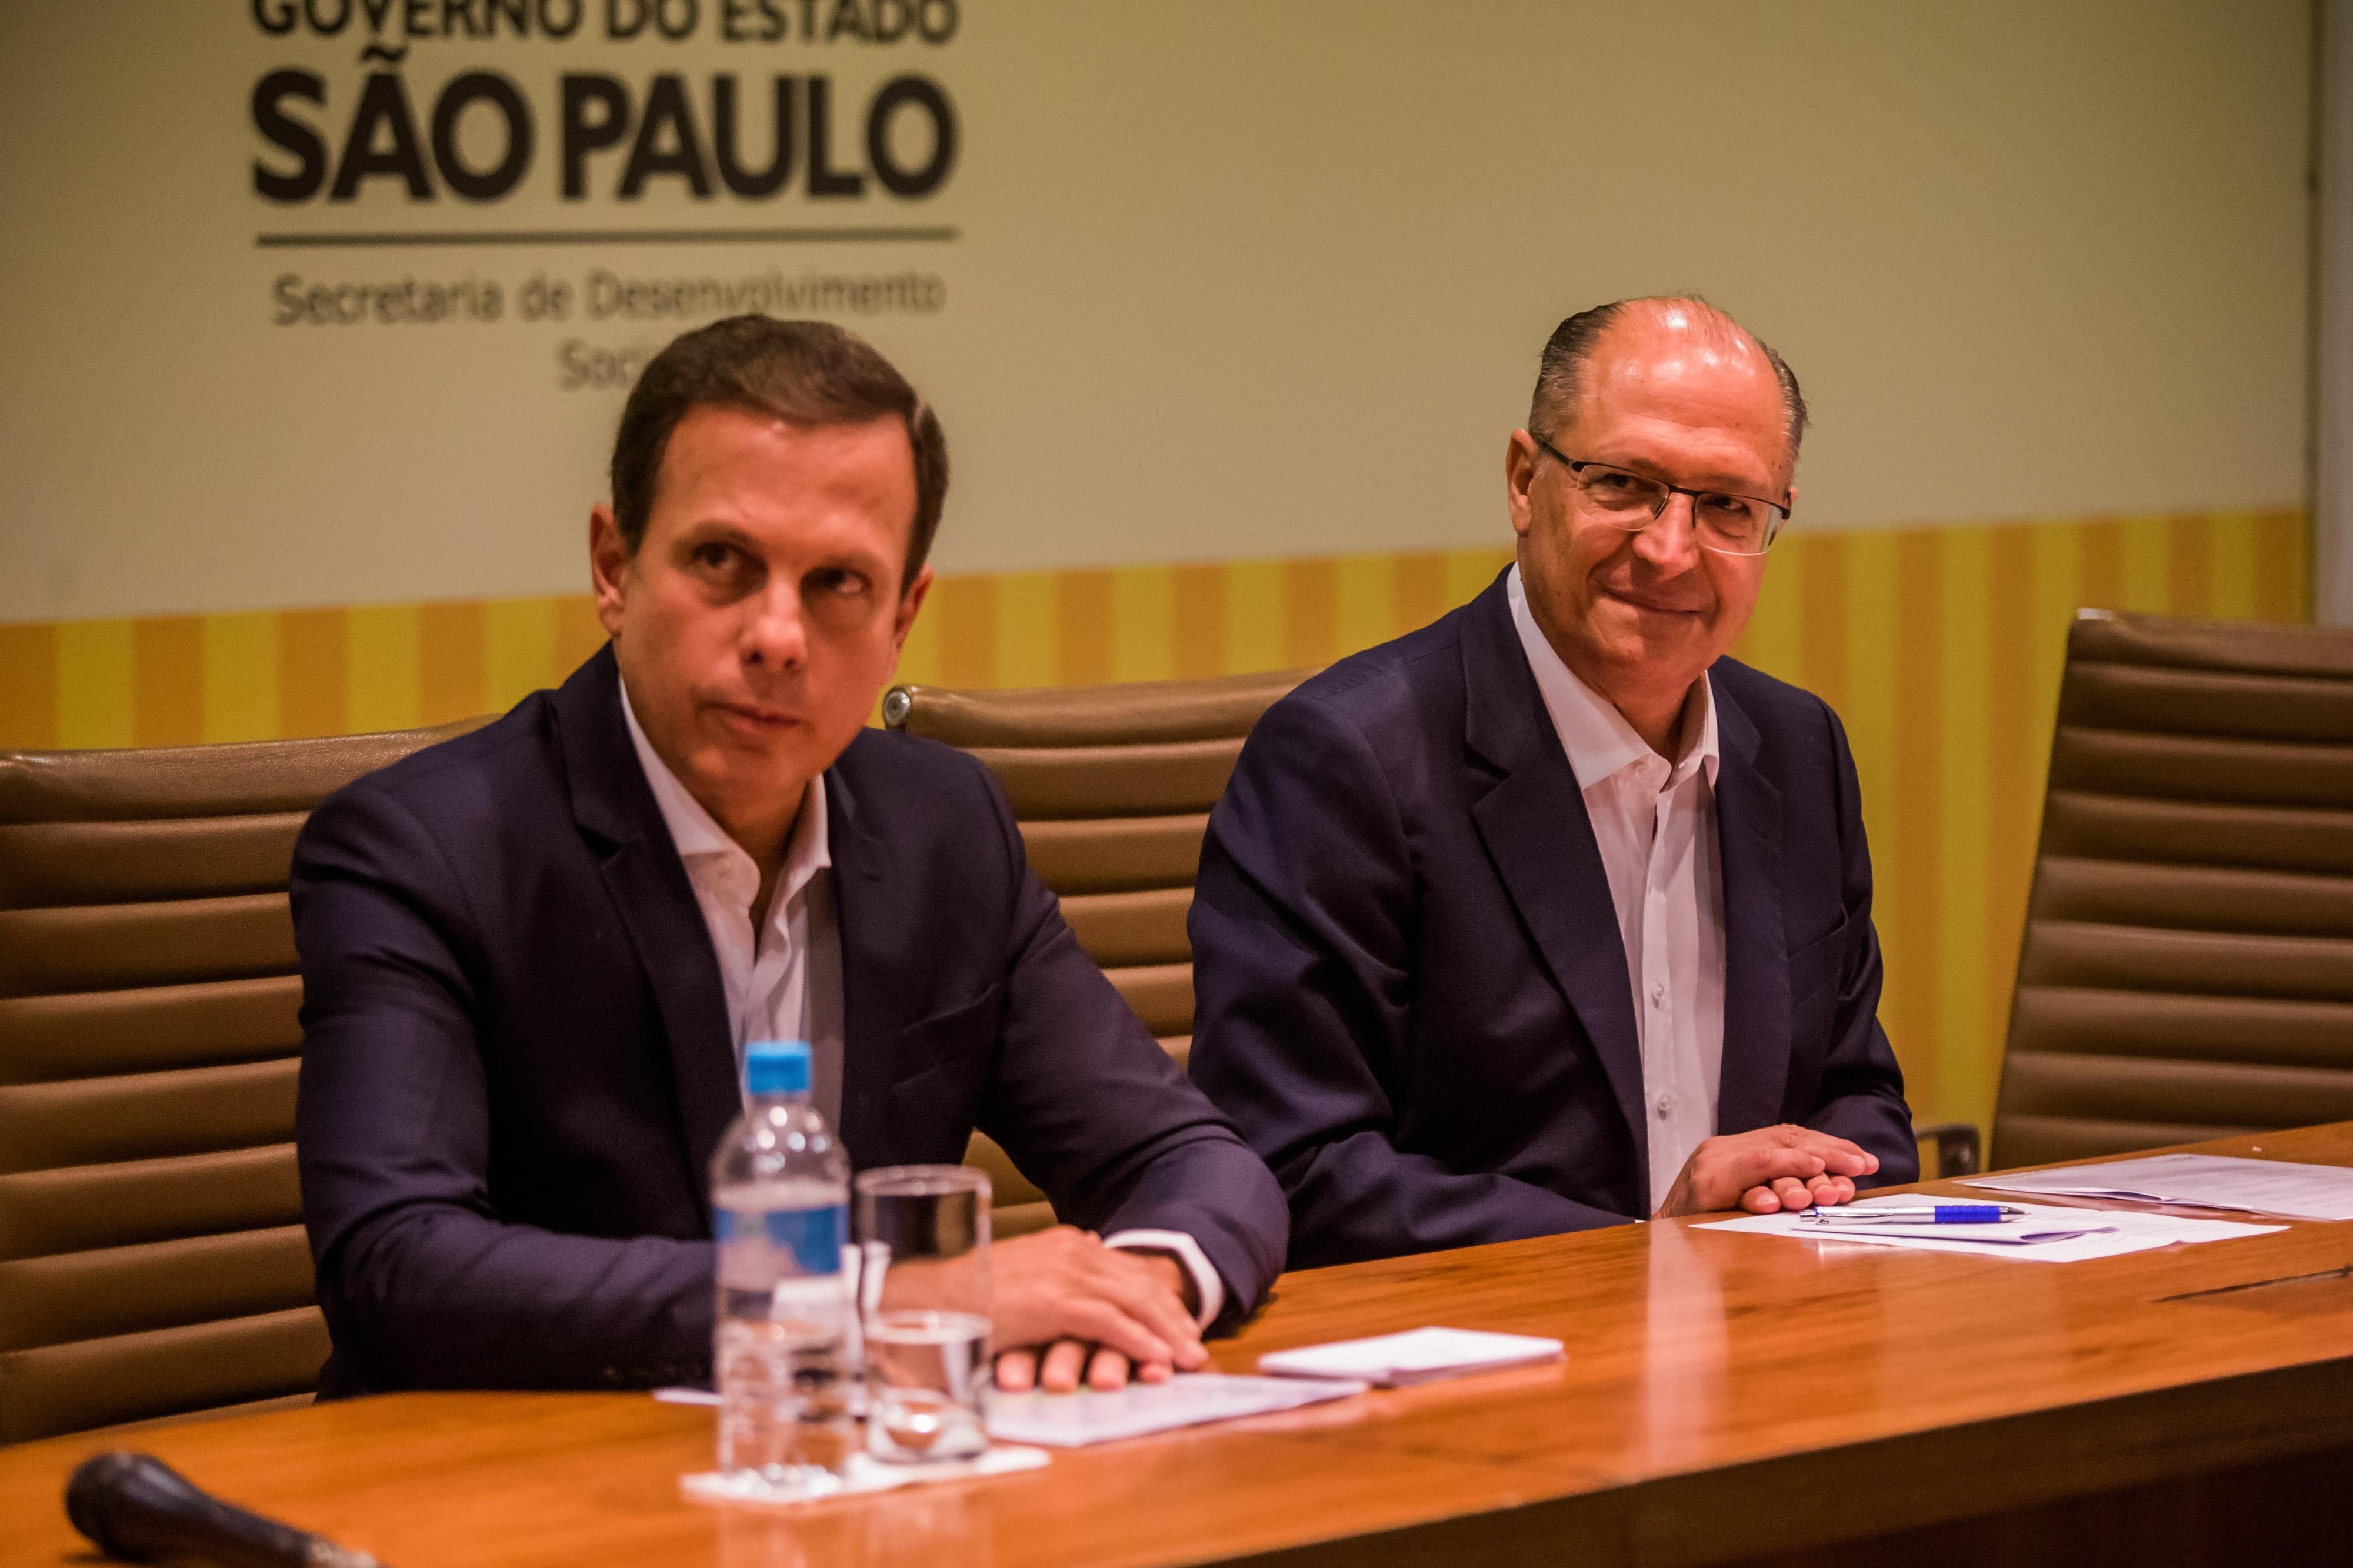 Alckmin Doria